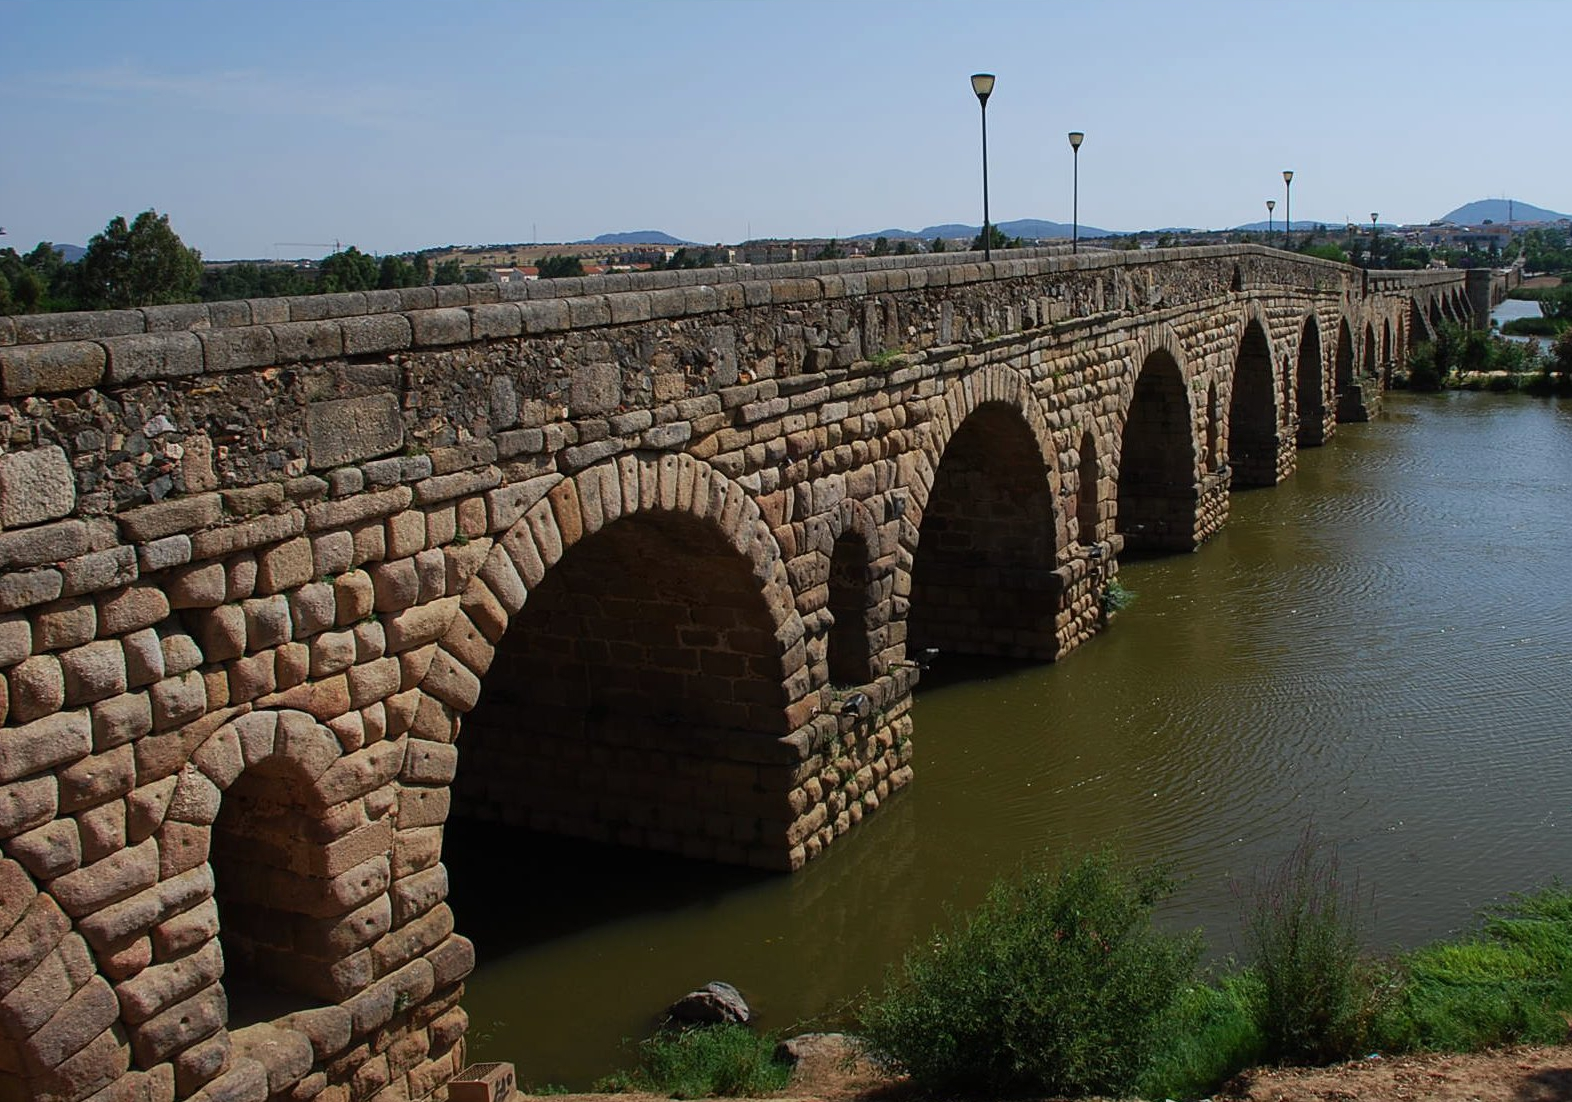 File:Mérida - Puente romano sobre el Guadiana - DSC 2172 W.jpg - Wikimedia Co...